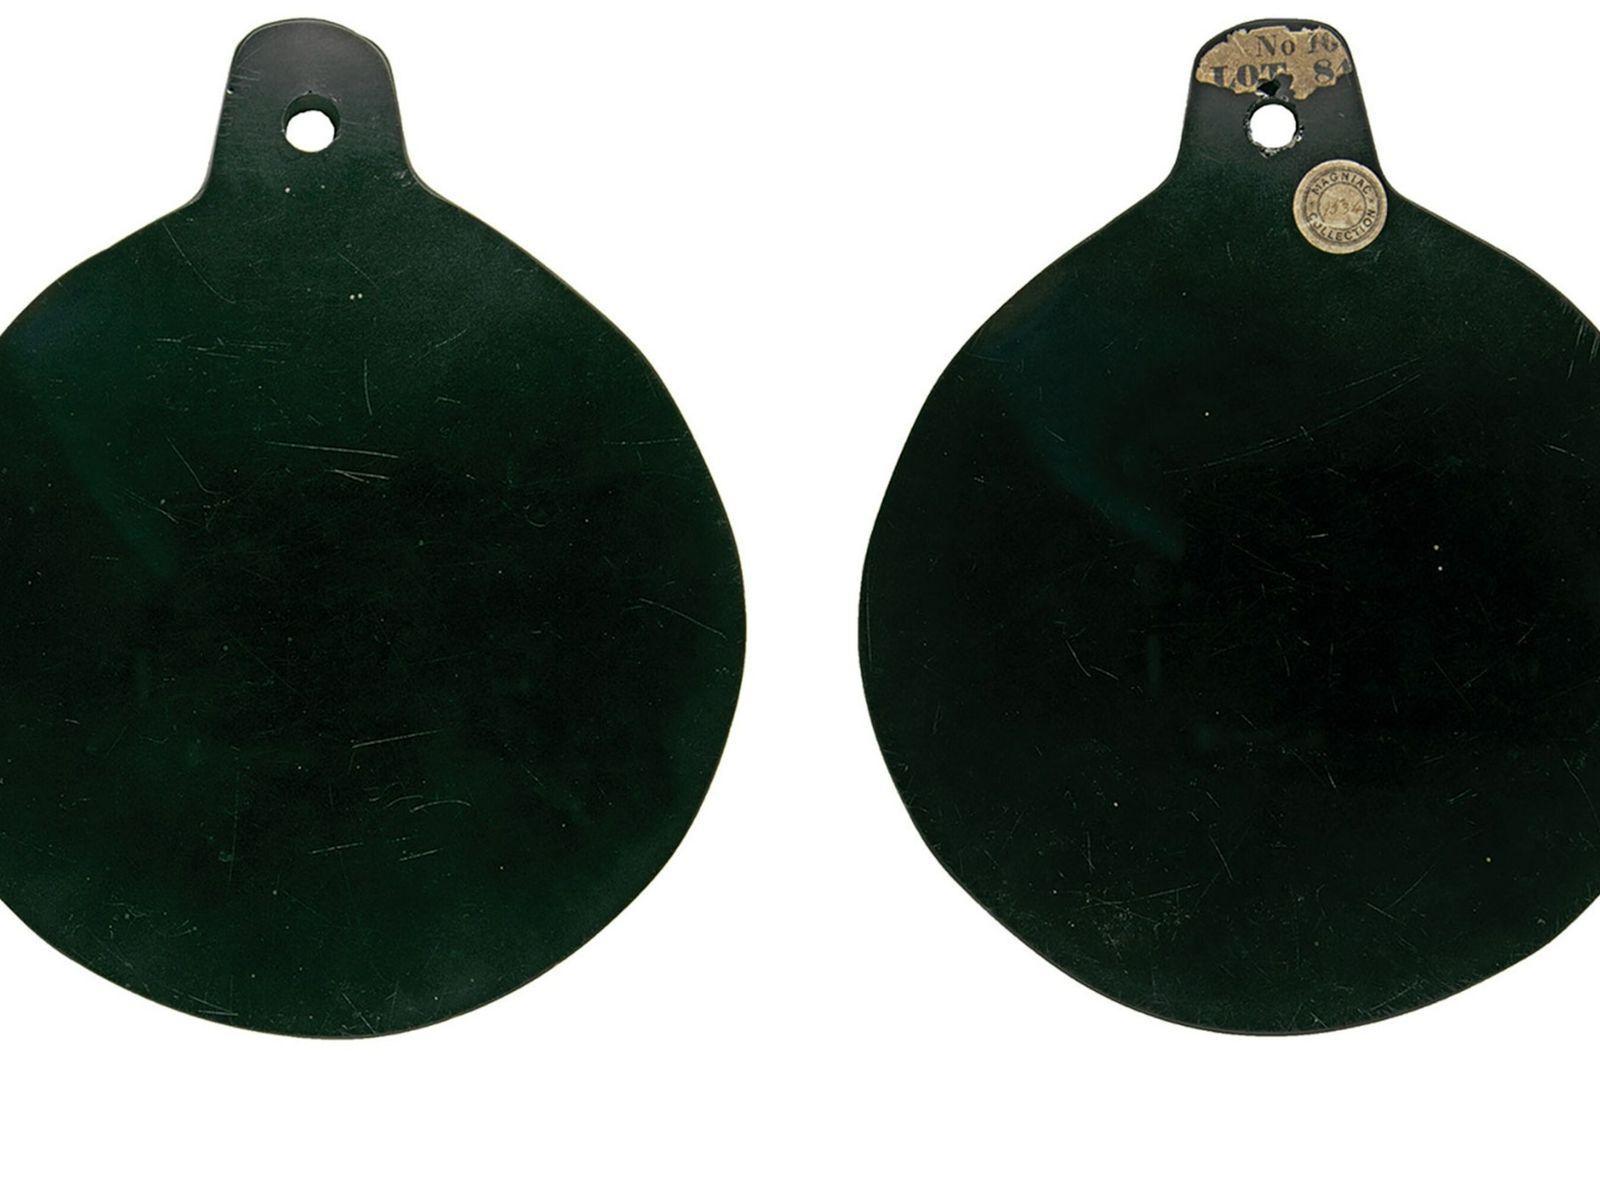 Dieser Obsidianspiegel soll im 16. Jahrhundert am Hofe von Elisabeth I. von ihrem königlichen Berater für ...